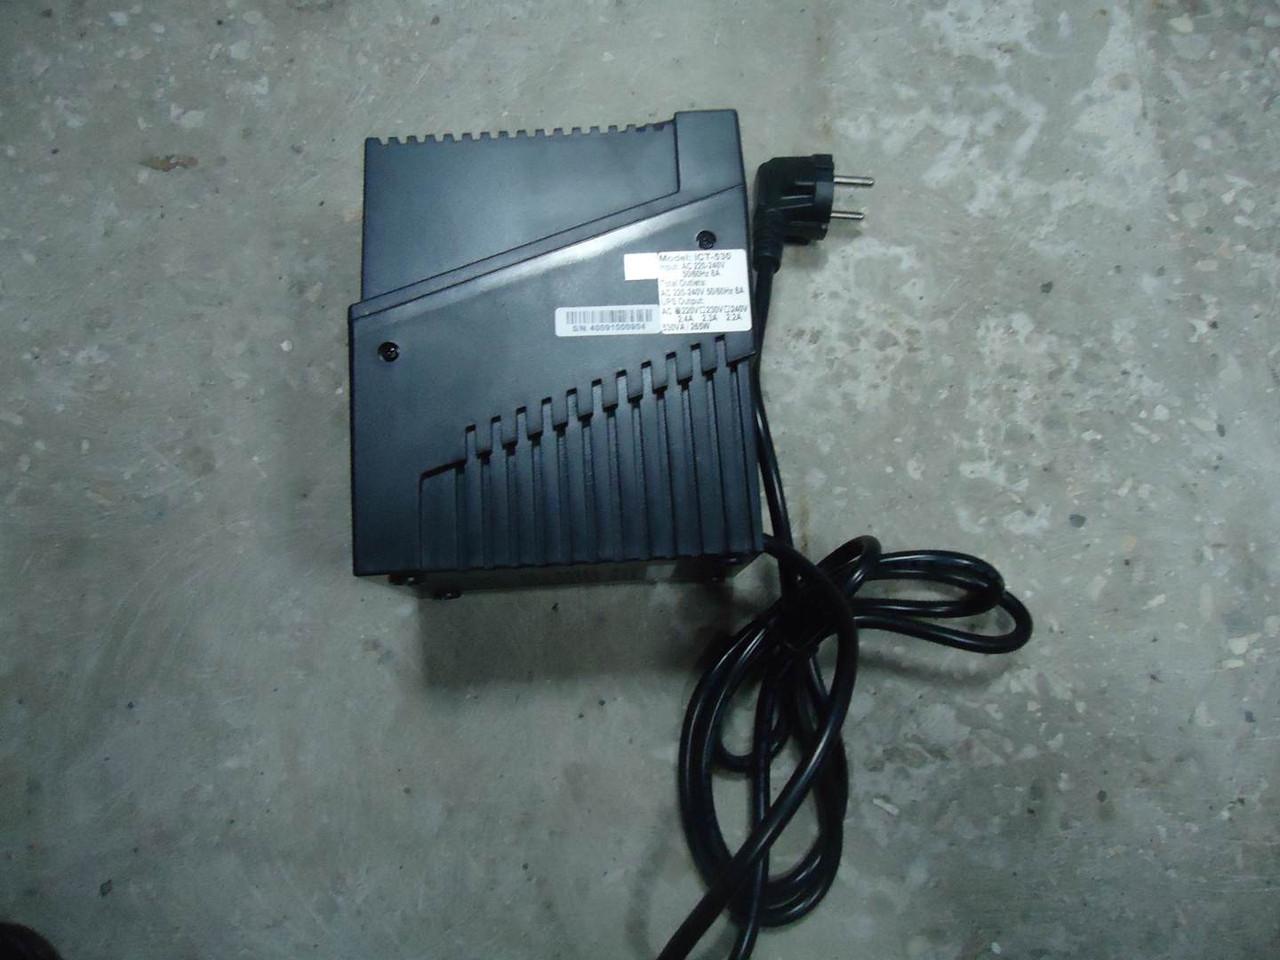 Компактный ИБП Powercom iCute ICT-530 250 Вт УПС на запчасти, фото 1